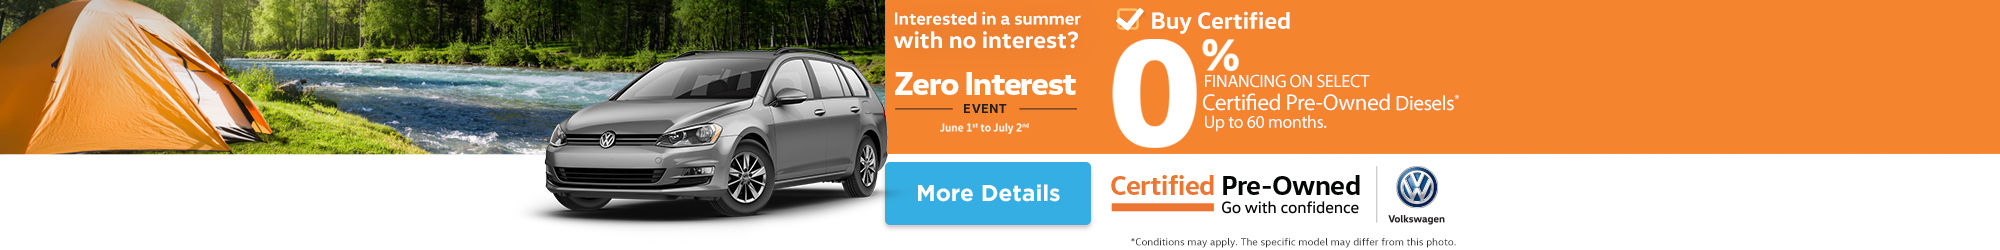 Volkswagen Zero Interest event